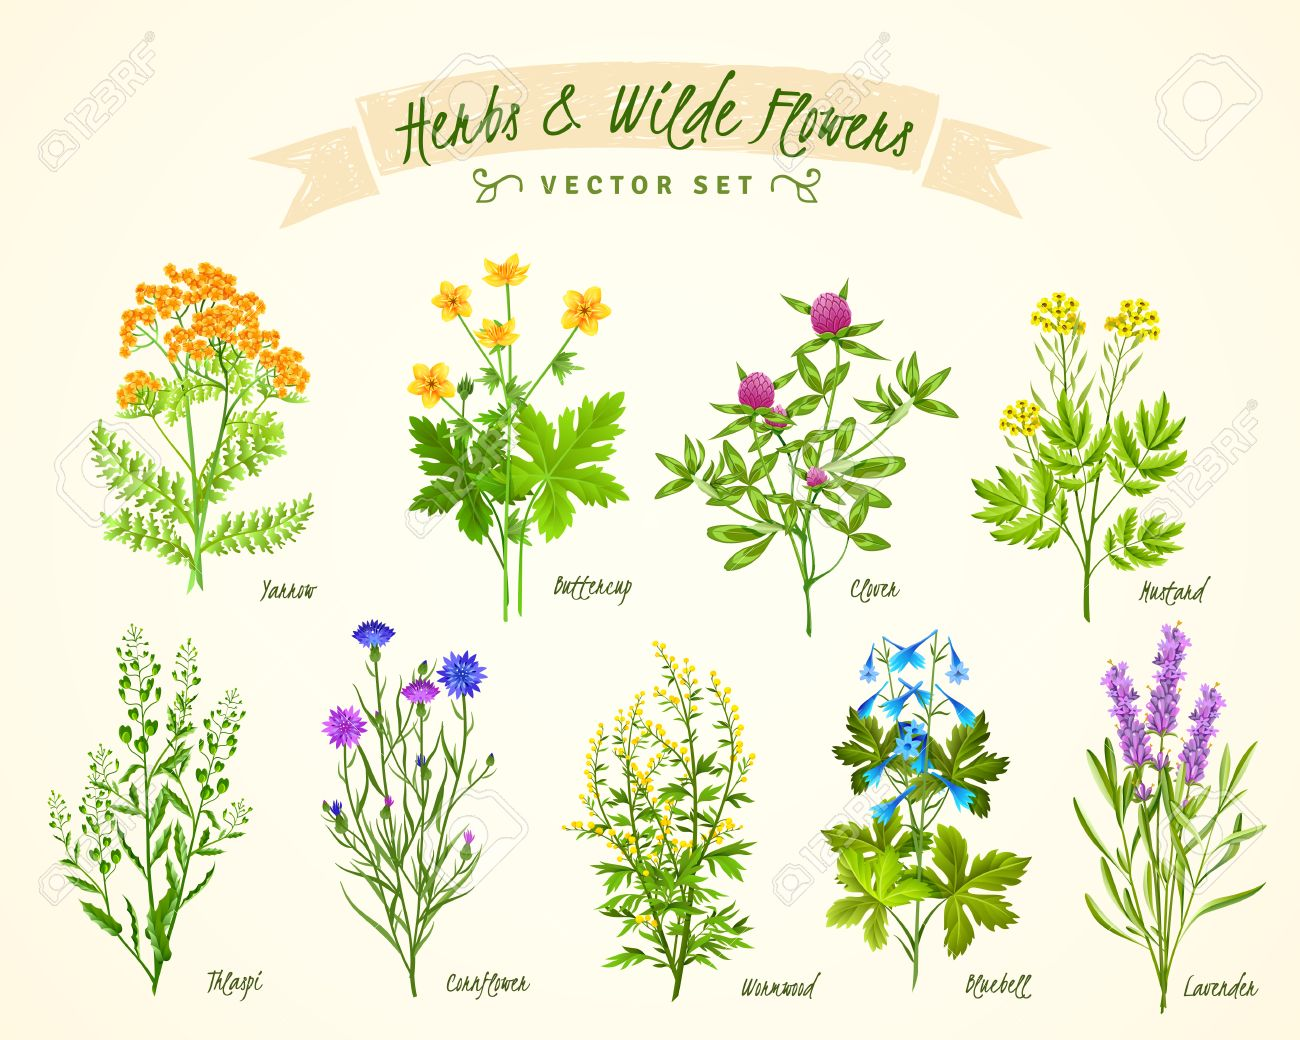 Fond Blanc Plat Avec Ensemble De Diverses Herbes En Fleurs Et Fleurs